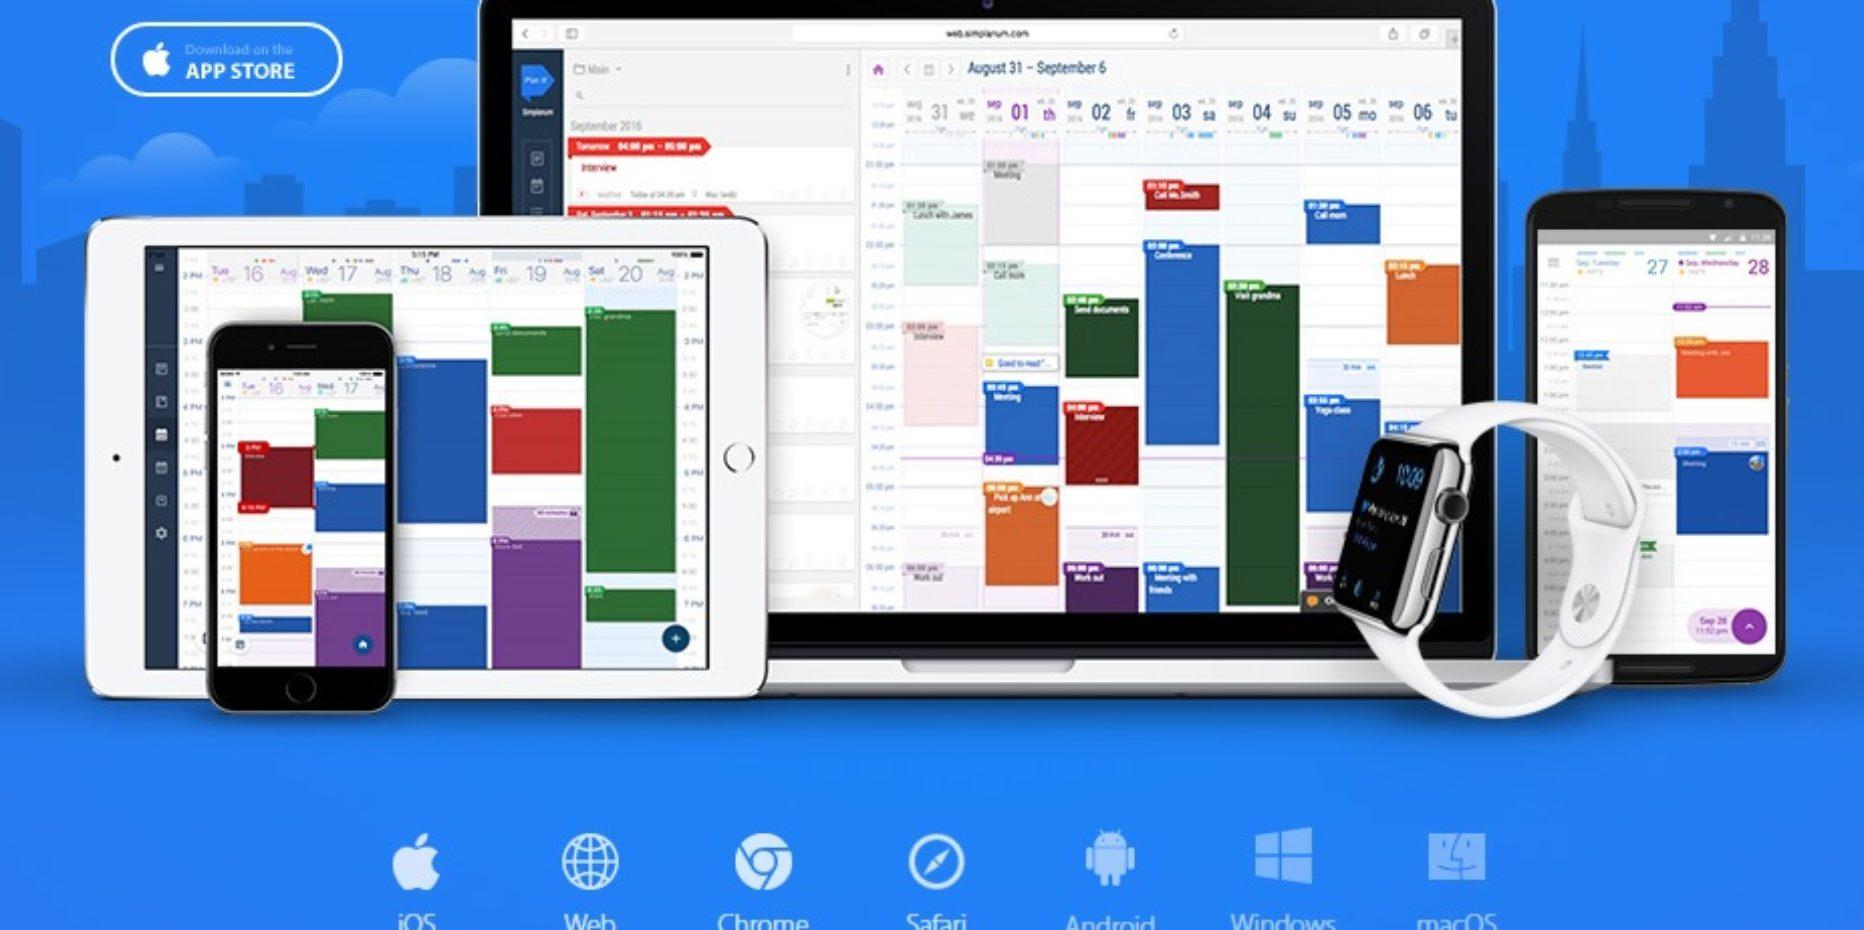 Simplanum – Simplified Powerful Planning in One App